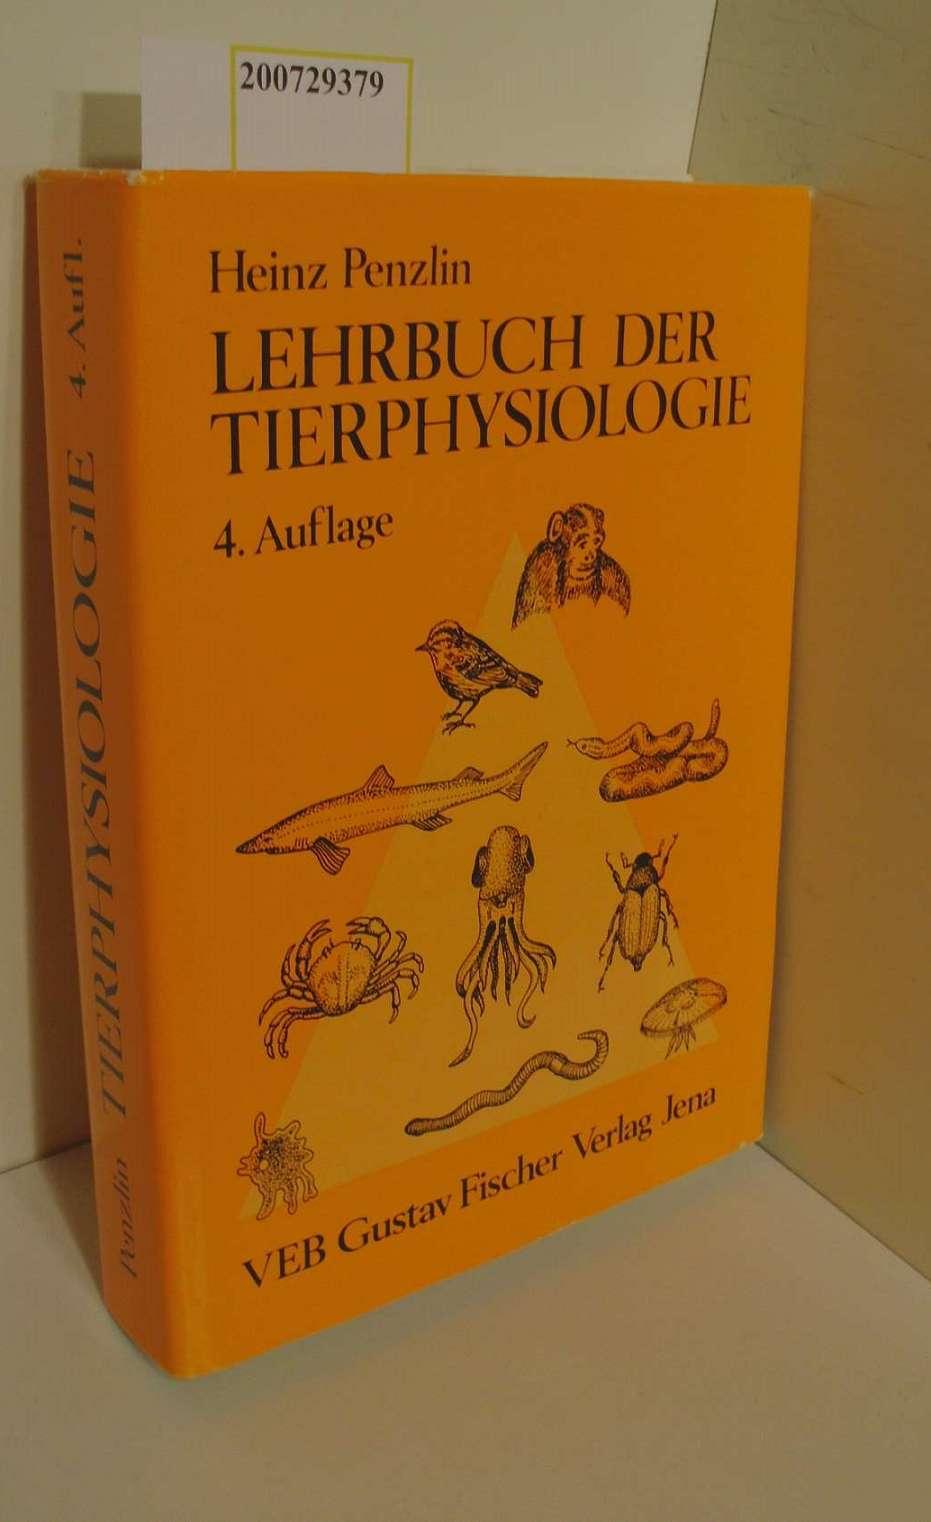 Lehrbuch der Tierphysiologie / von Heinz Penzlin 4., überarb. u. erw. Aufl.